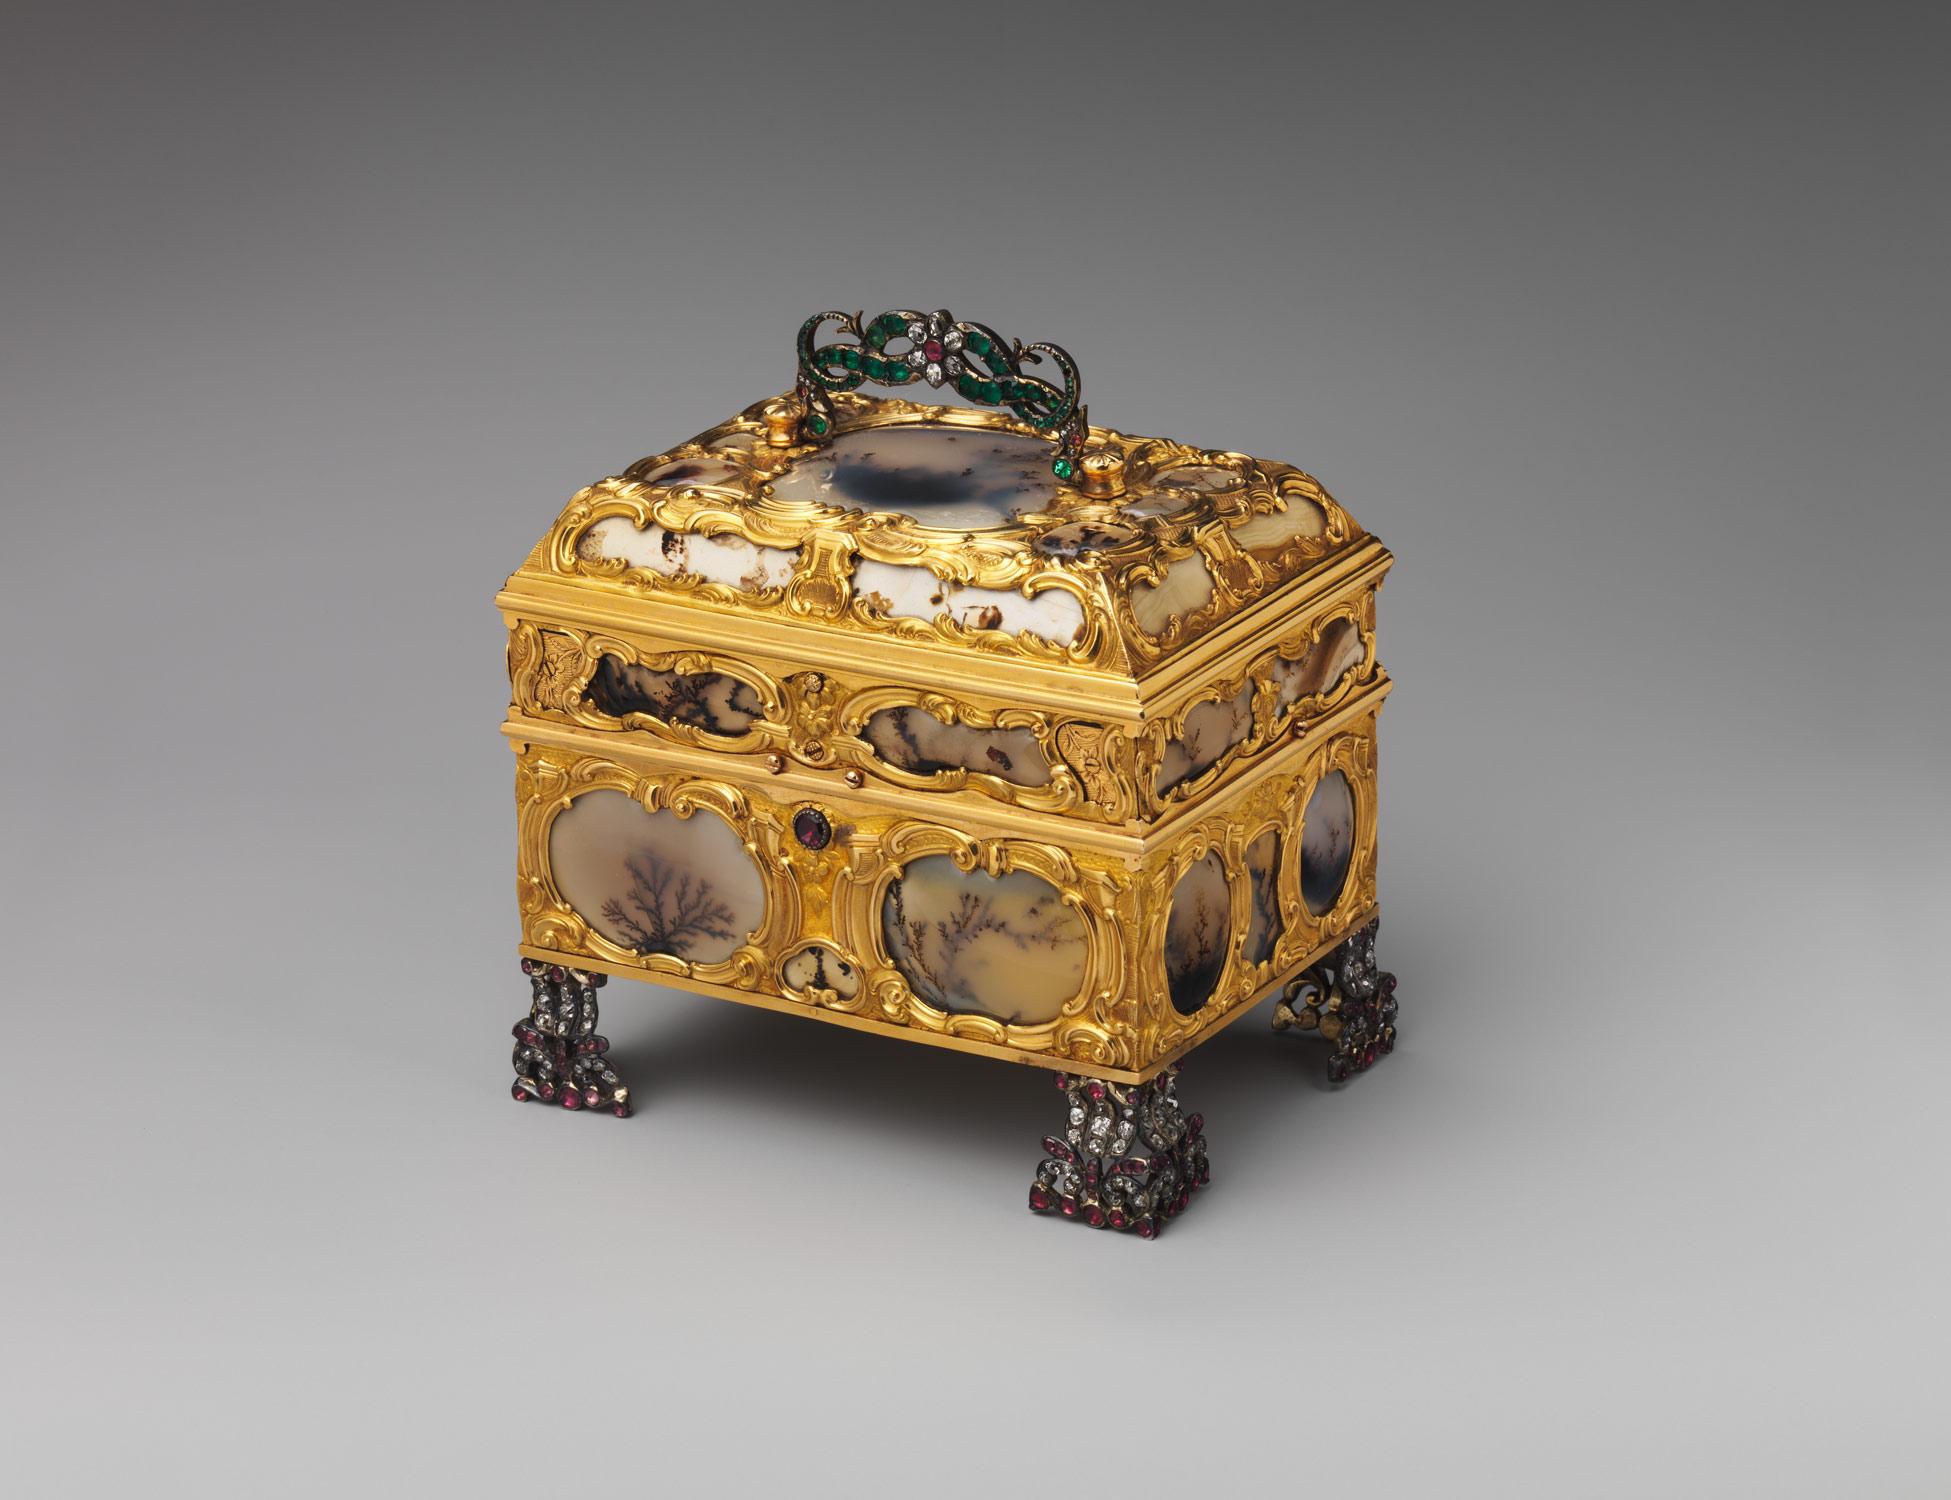 http://www.metmuseum.org/toah/images/hb/hb_57.128a-o_av2.jpg